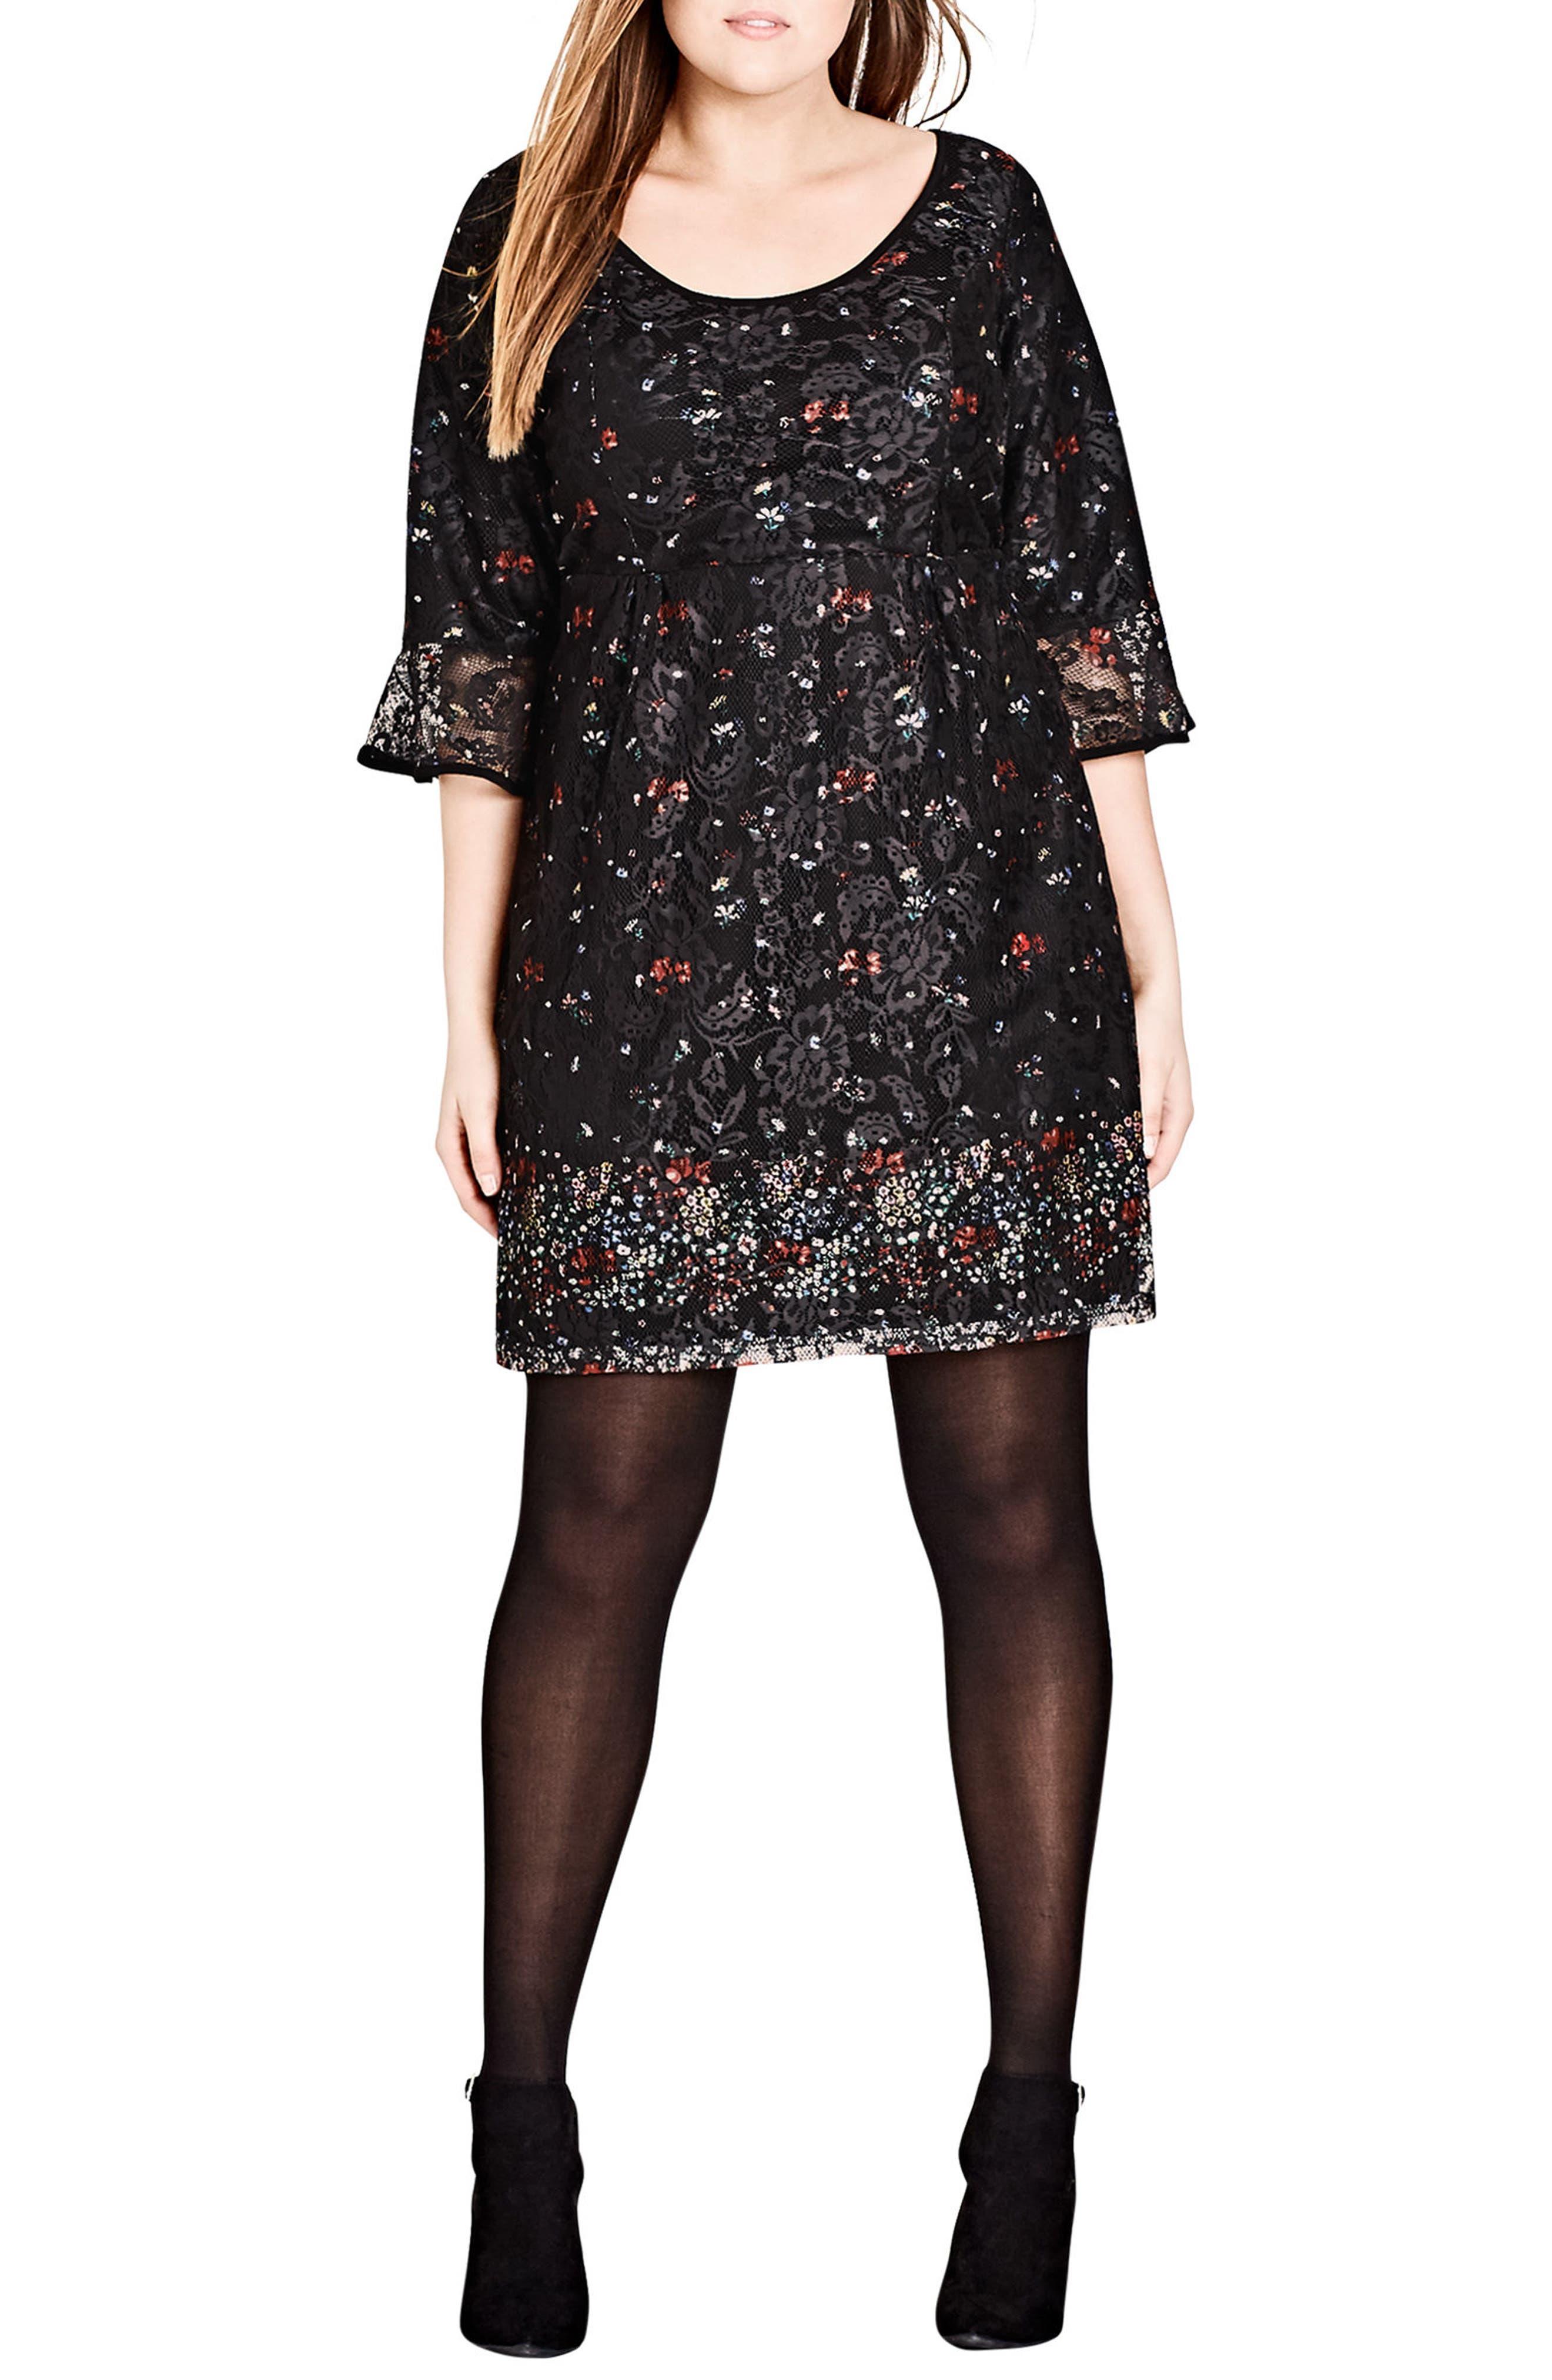 Main Image - City Chic Floral Fields Scoop Neck Lace Dress (Plus Size)